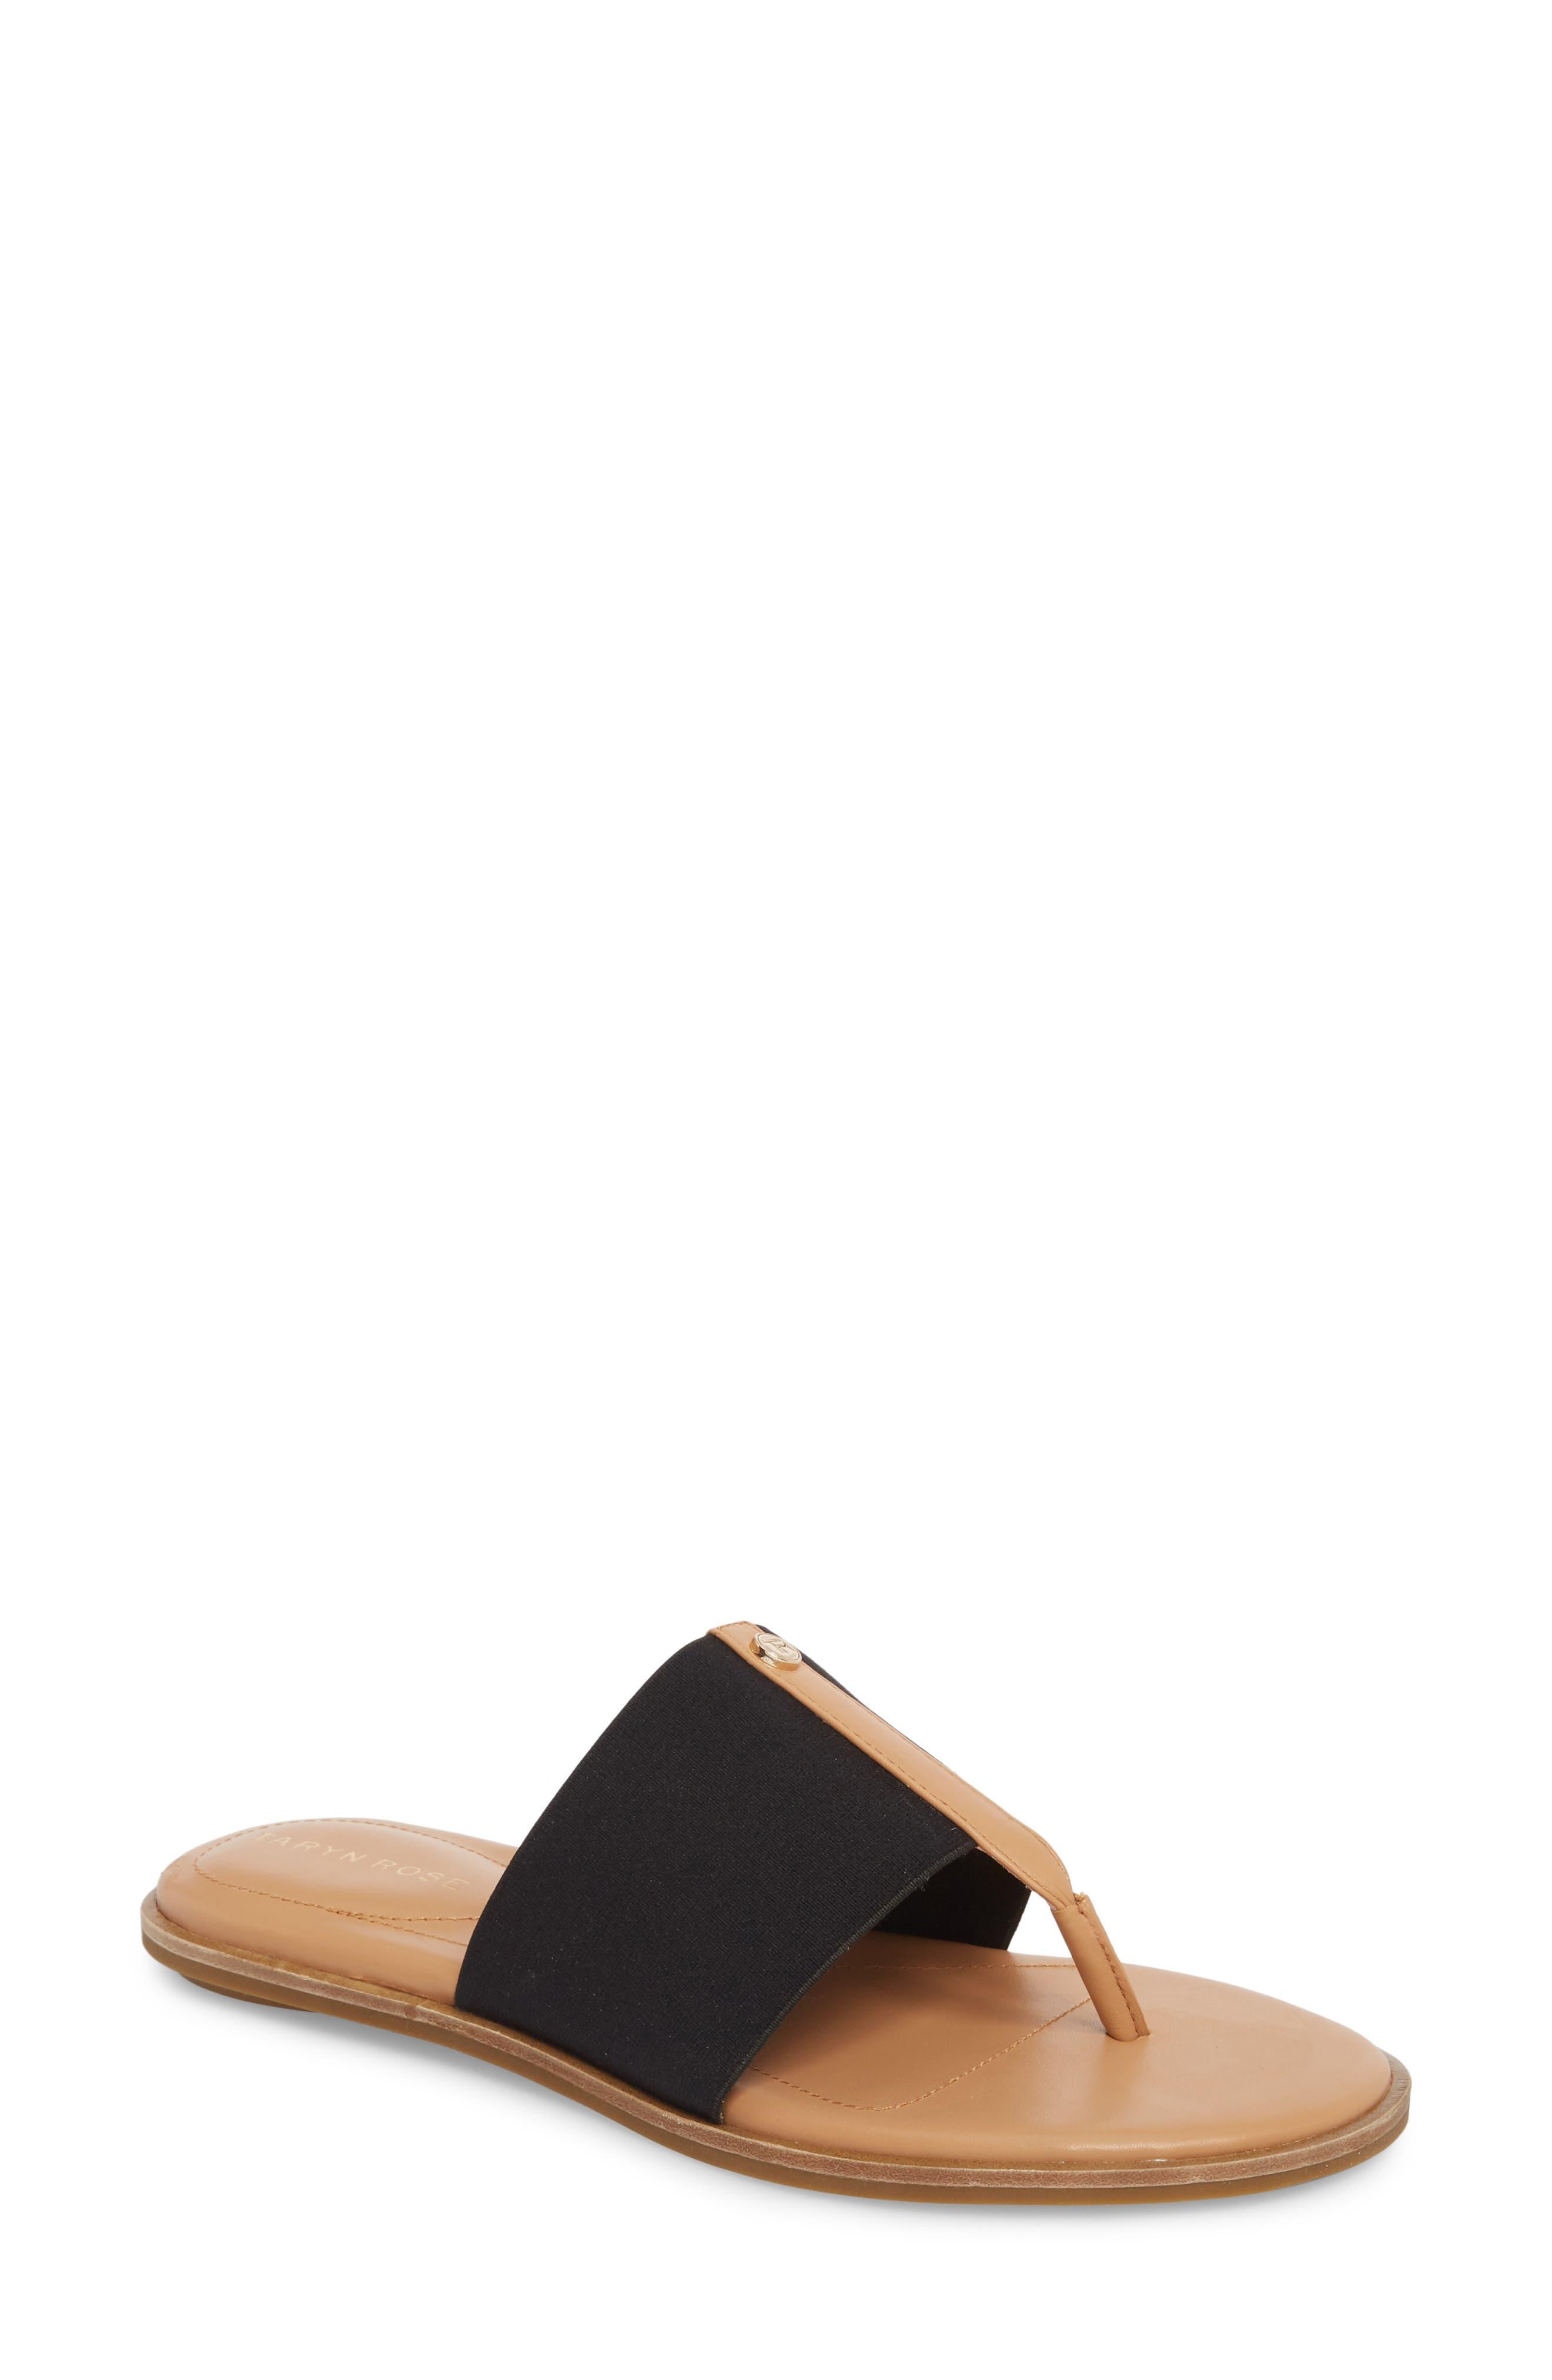 Kamryn Flip Flop,                         Main,                         color, BLACK LEATHER